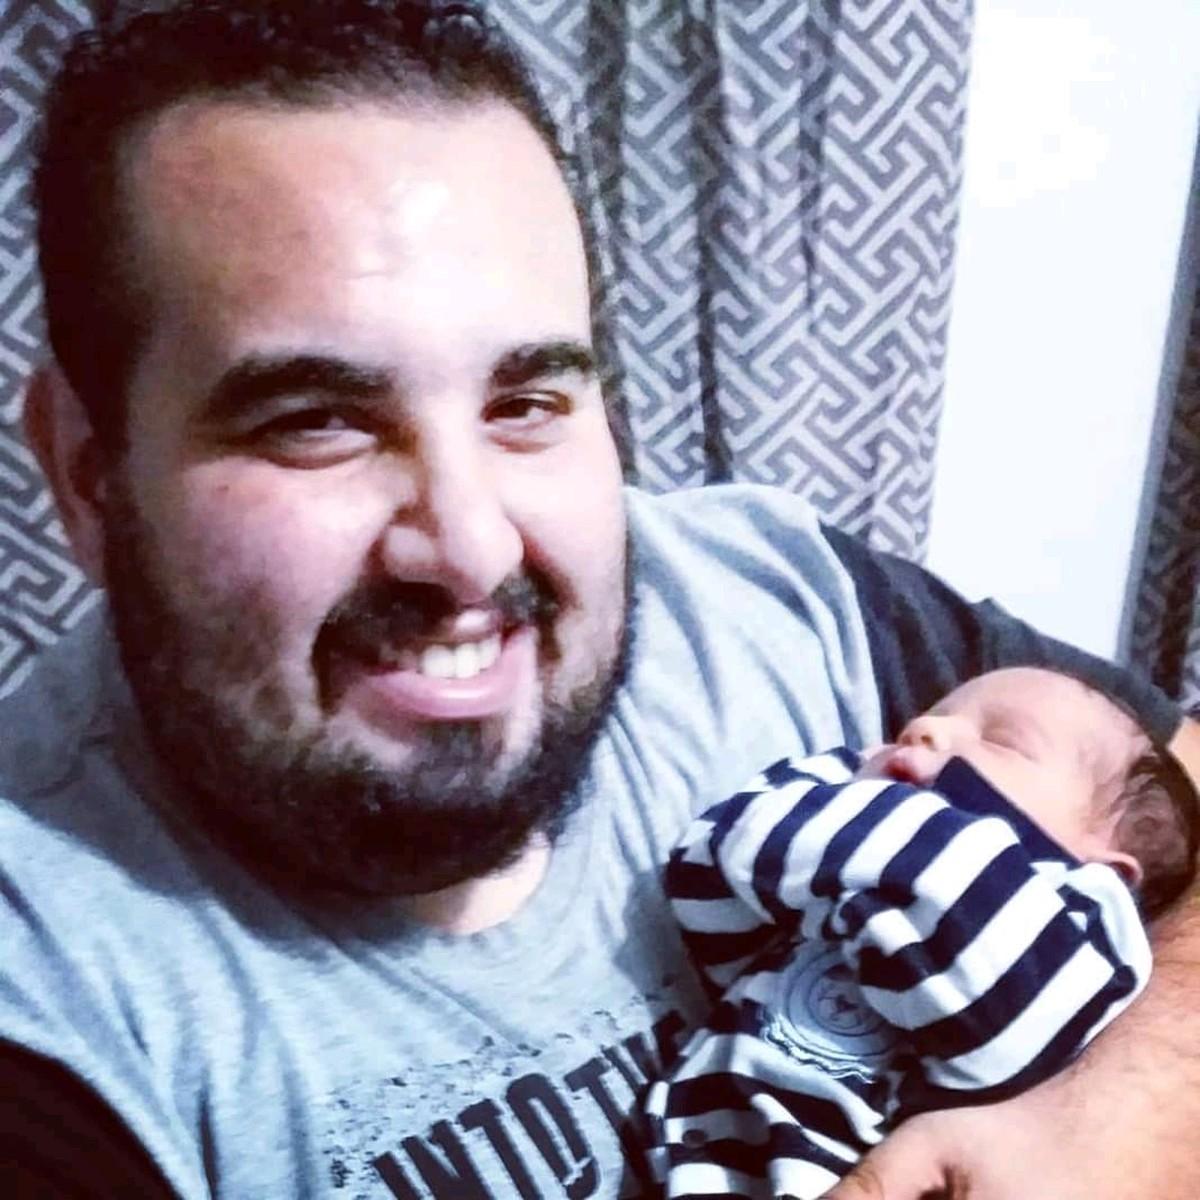 Vendedor de 27 anos morto por Covid-19 ficou menos 24 horas internado: 'Foi muito rápido', diz irmã